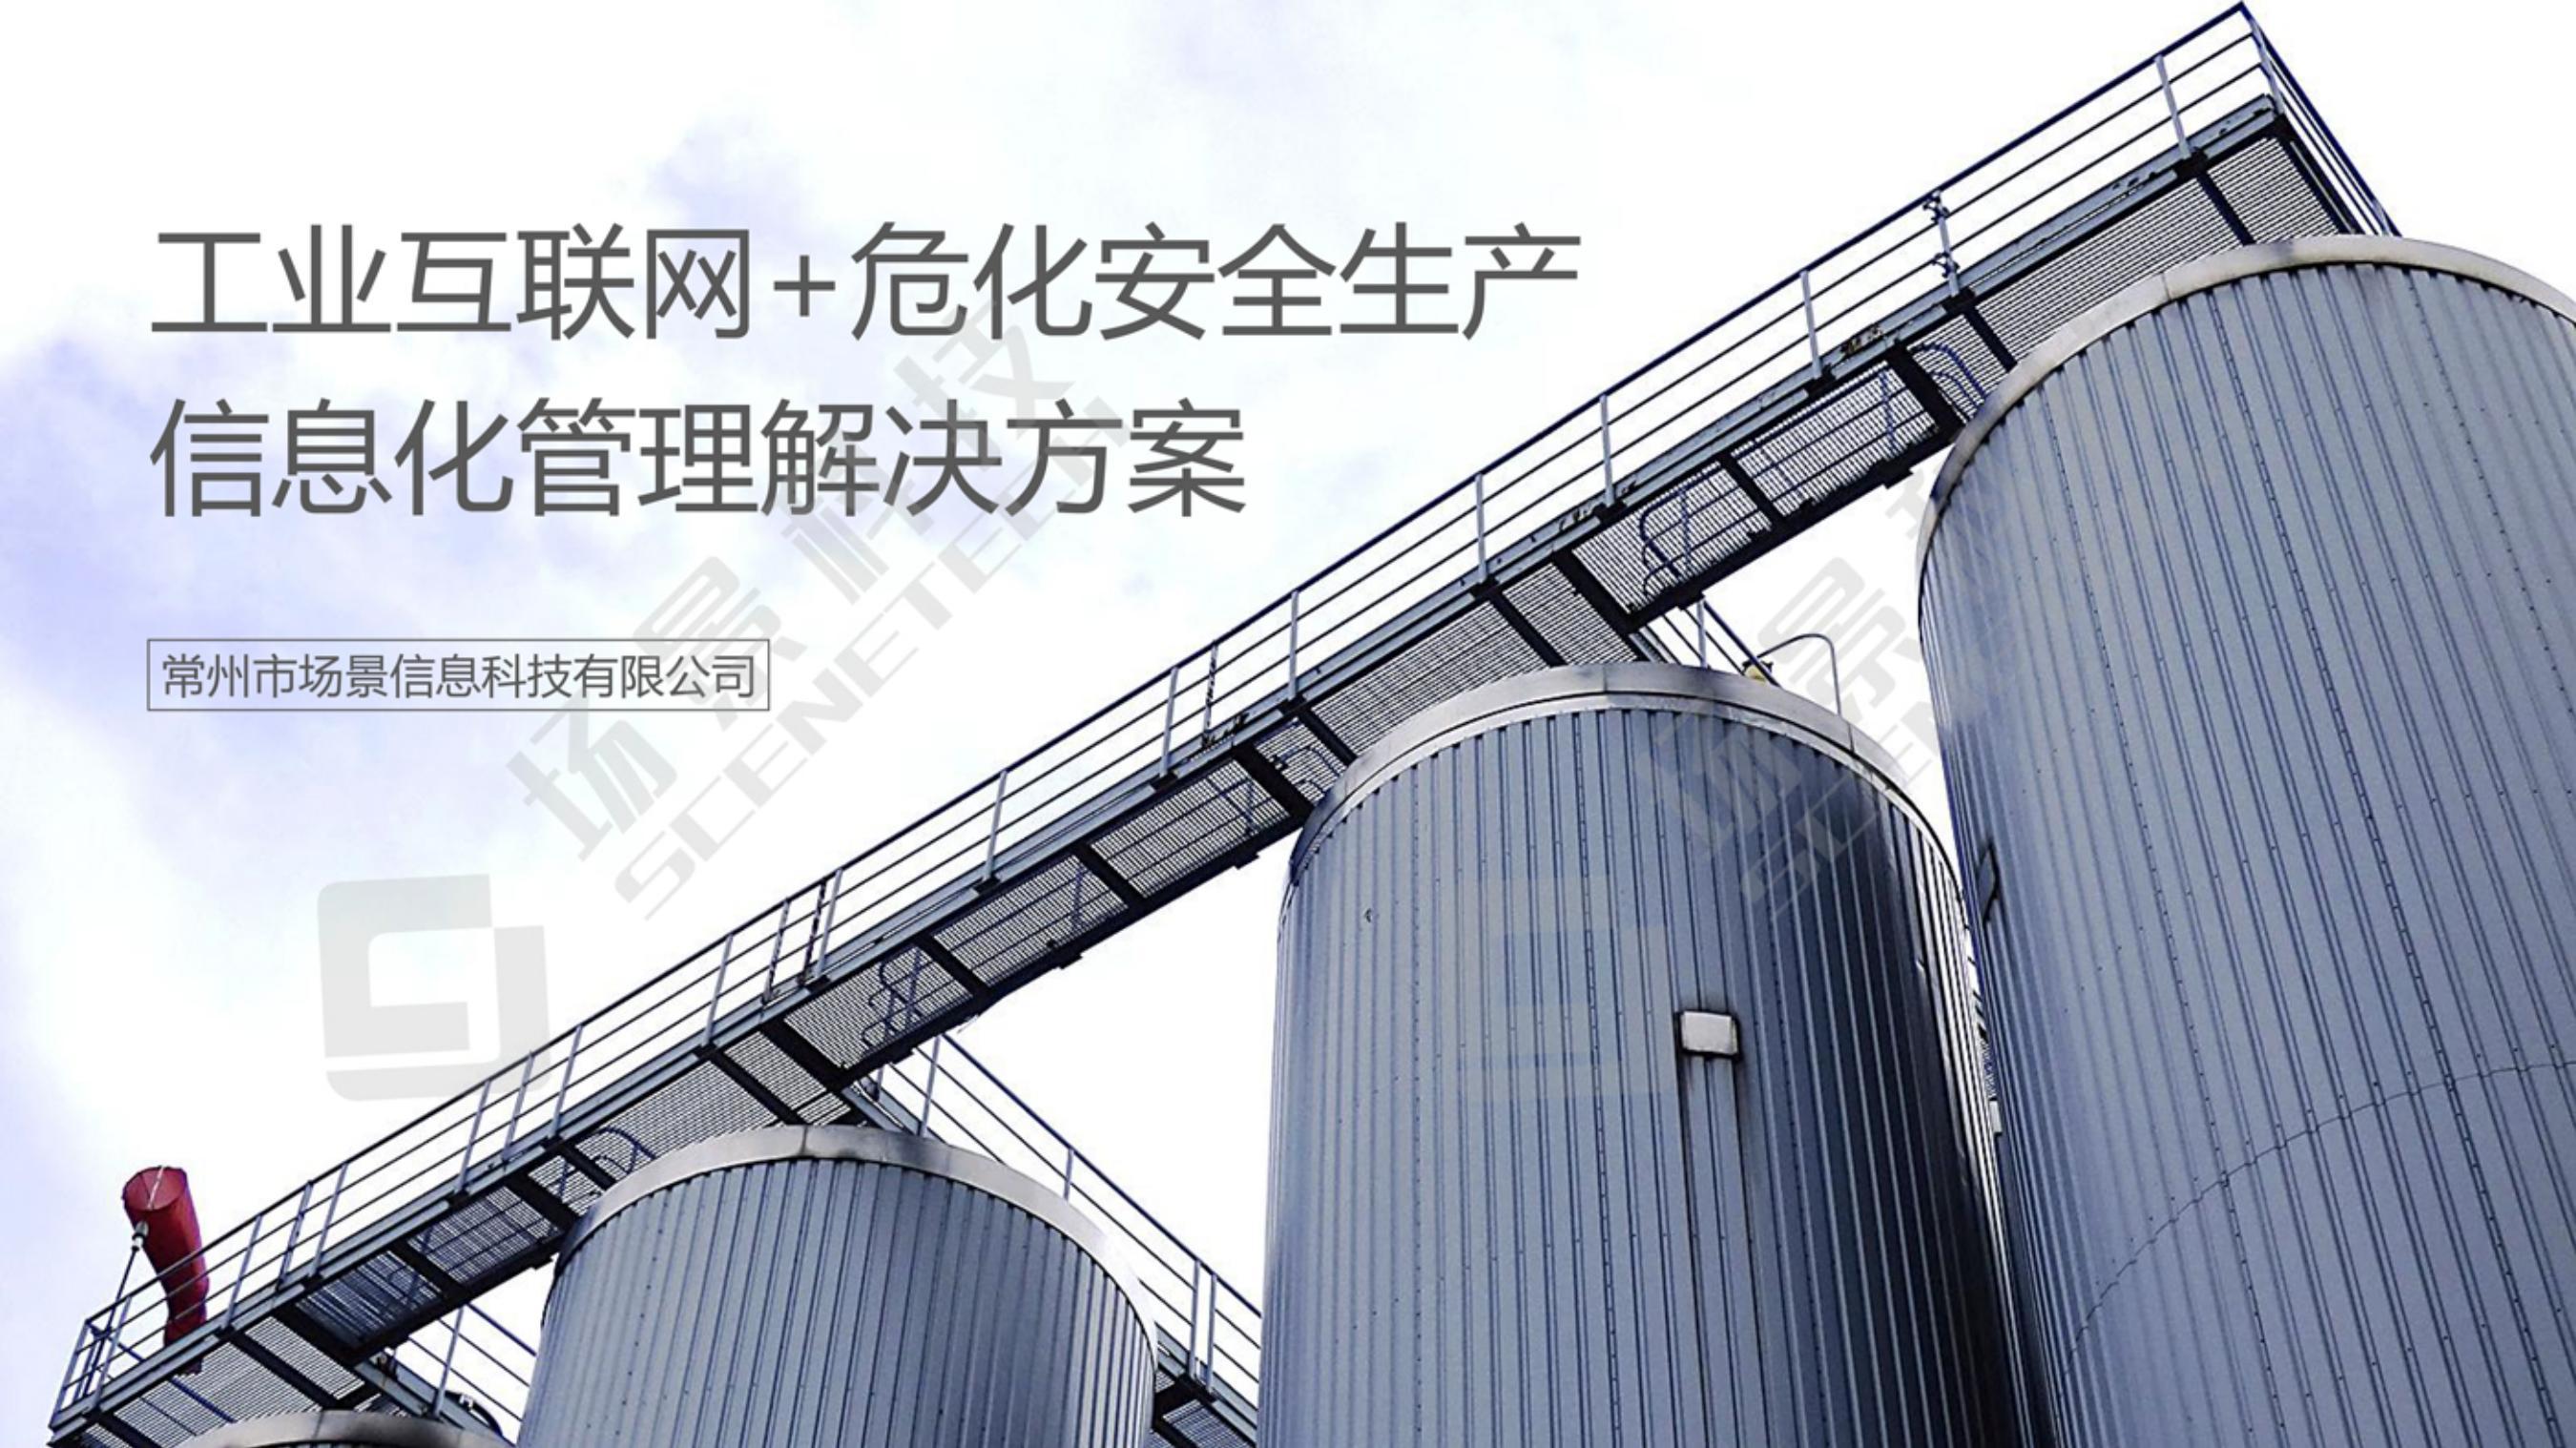 化工安全生产信息化管理解决方案20210511_00